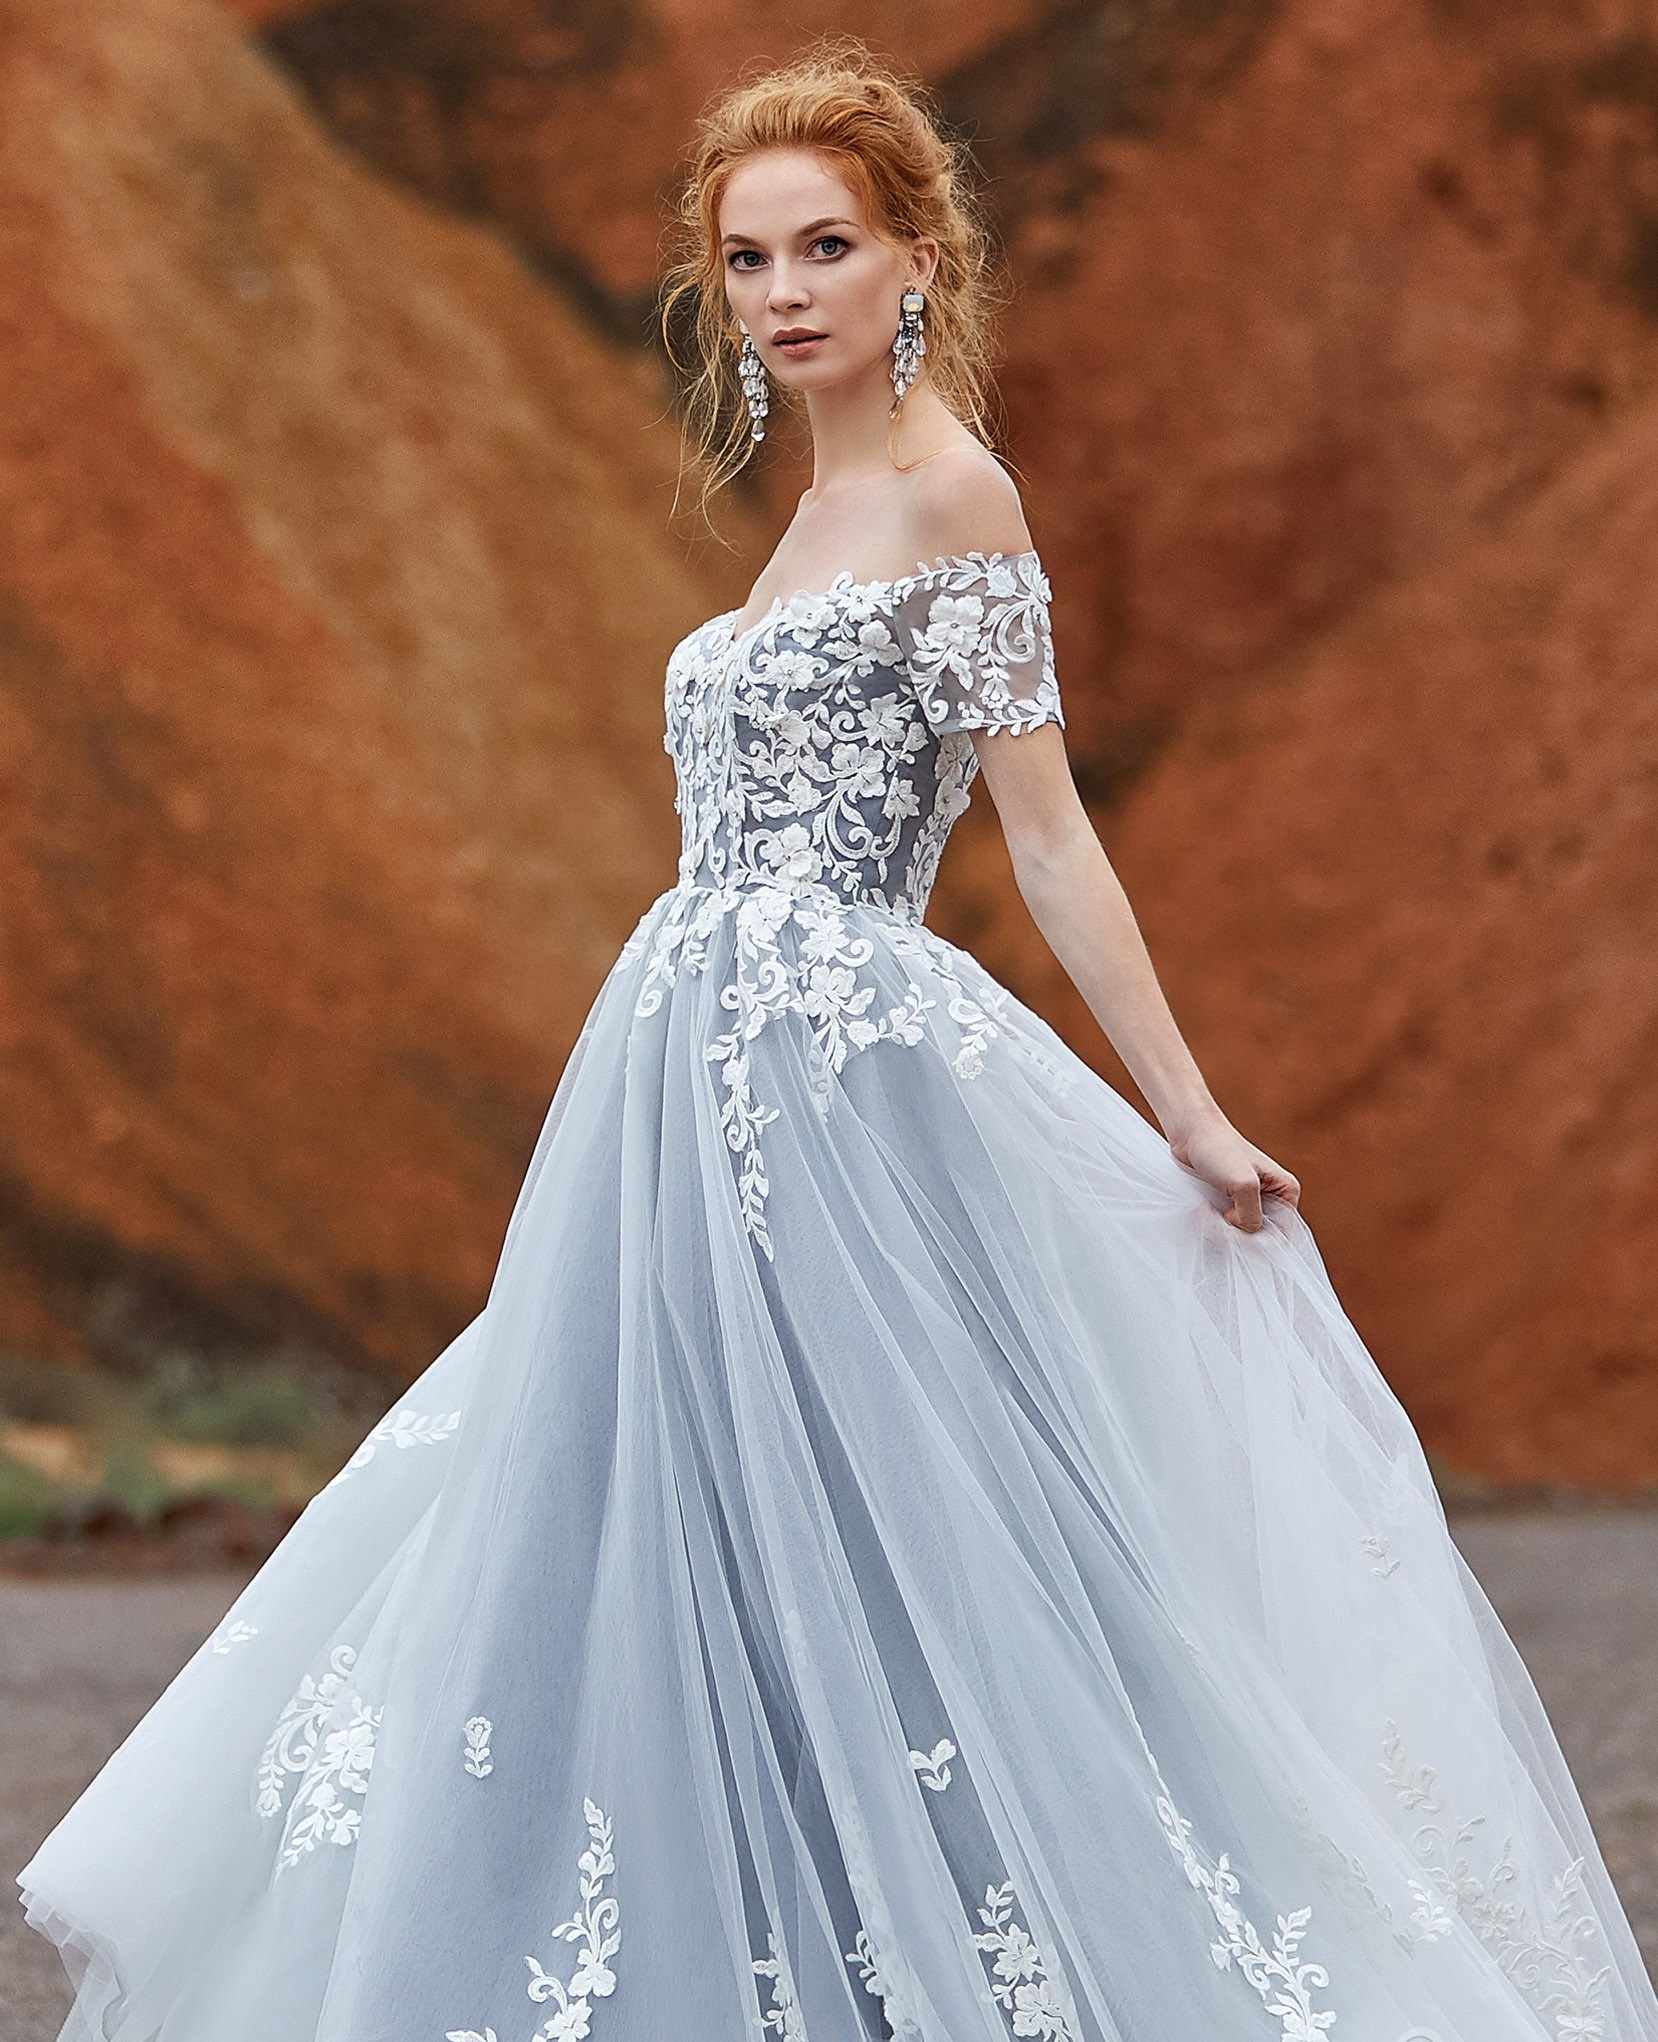 Cô dâu gây choáng vì váy khoét lưng như xăm trổ giữa đám cưới nhiều khách cao tuổi - hình ảnh 2